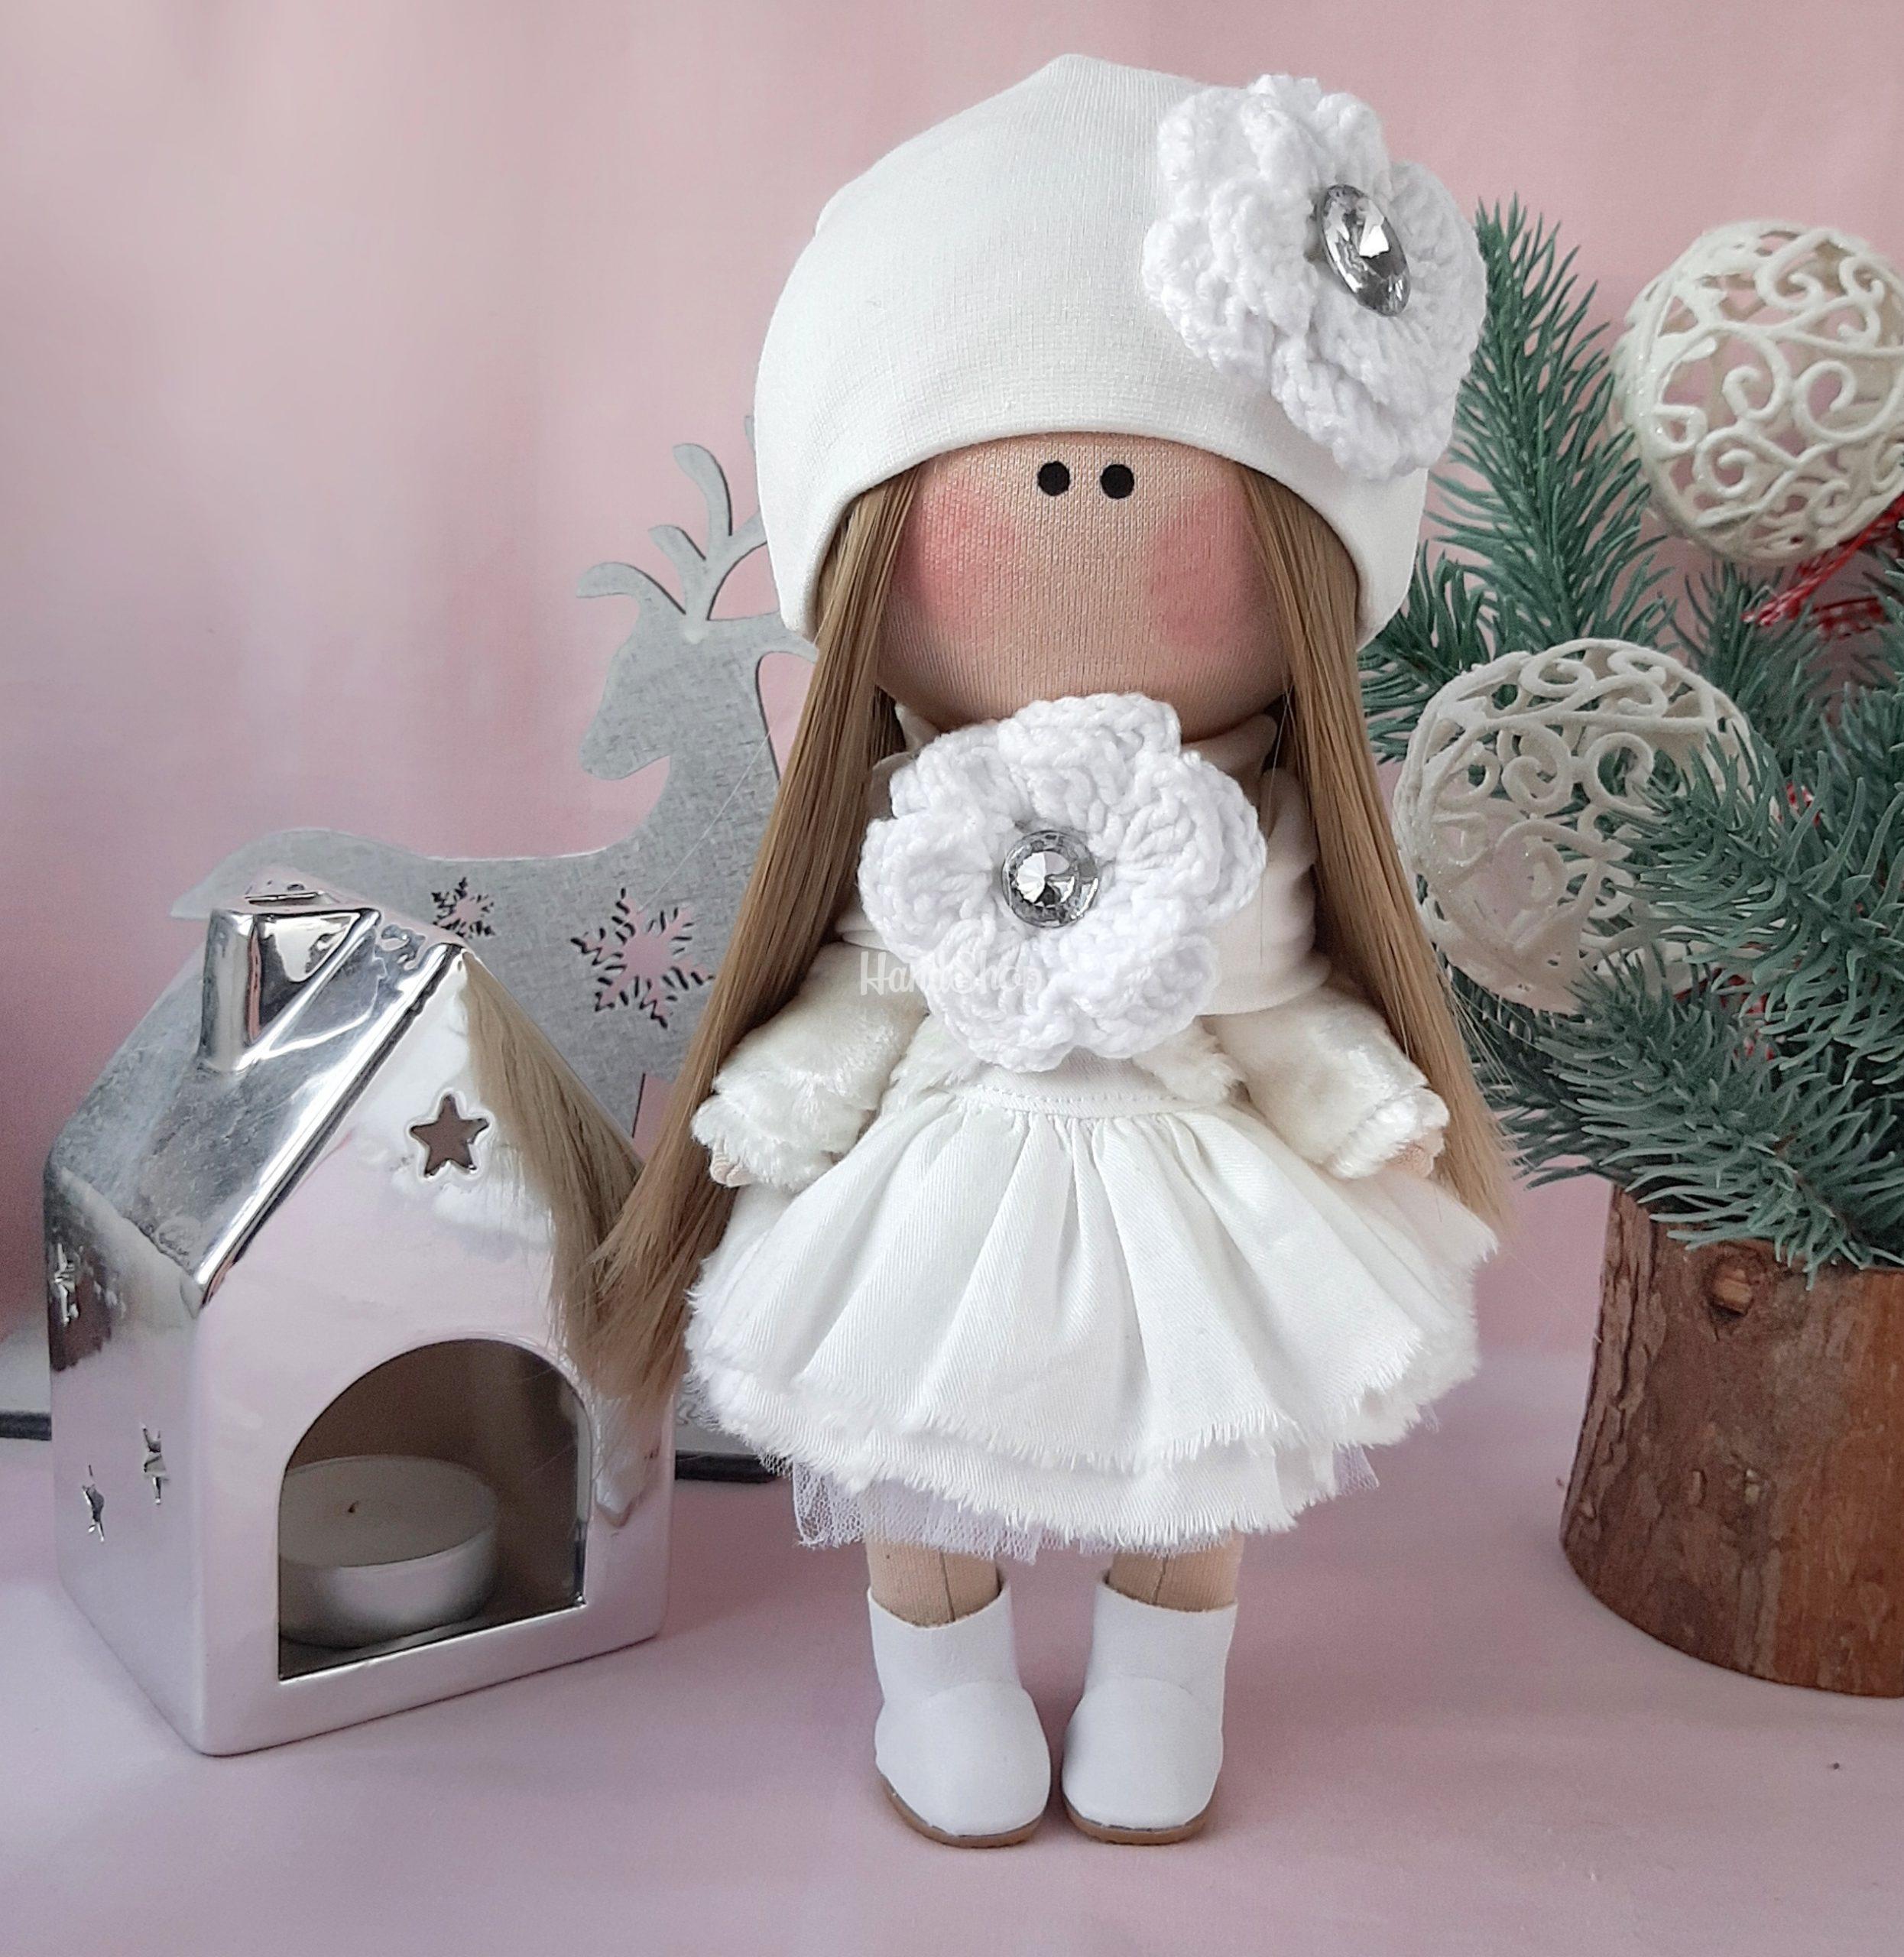 Авторская интерьерная кукла в белом платье